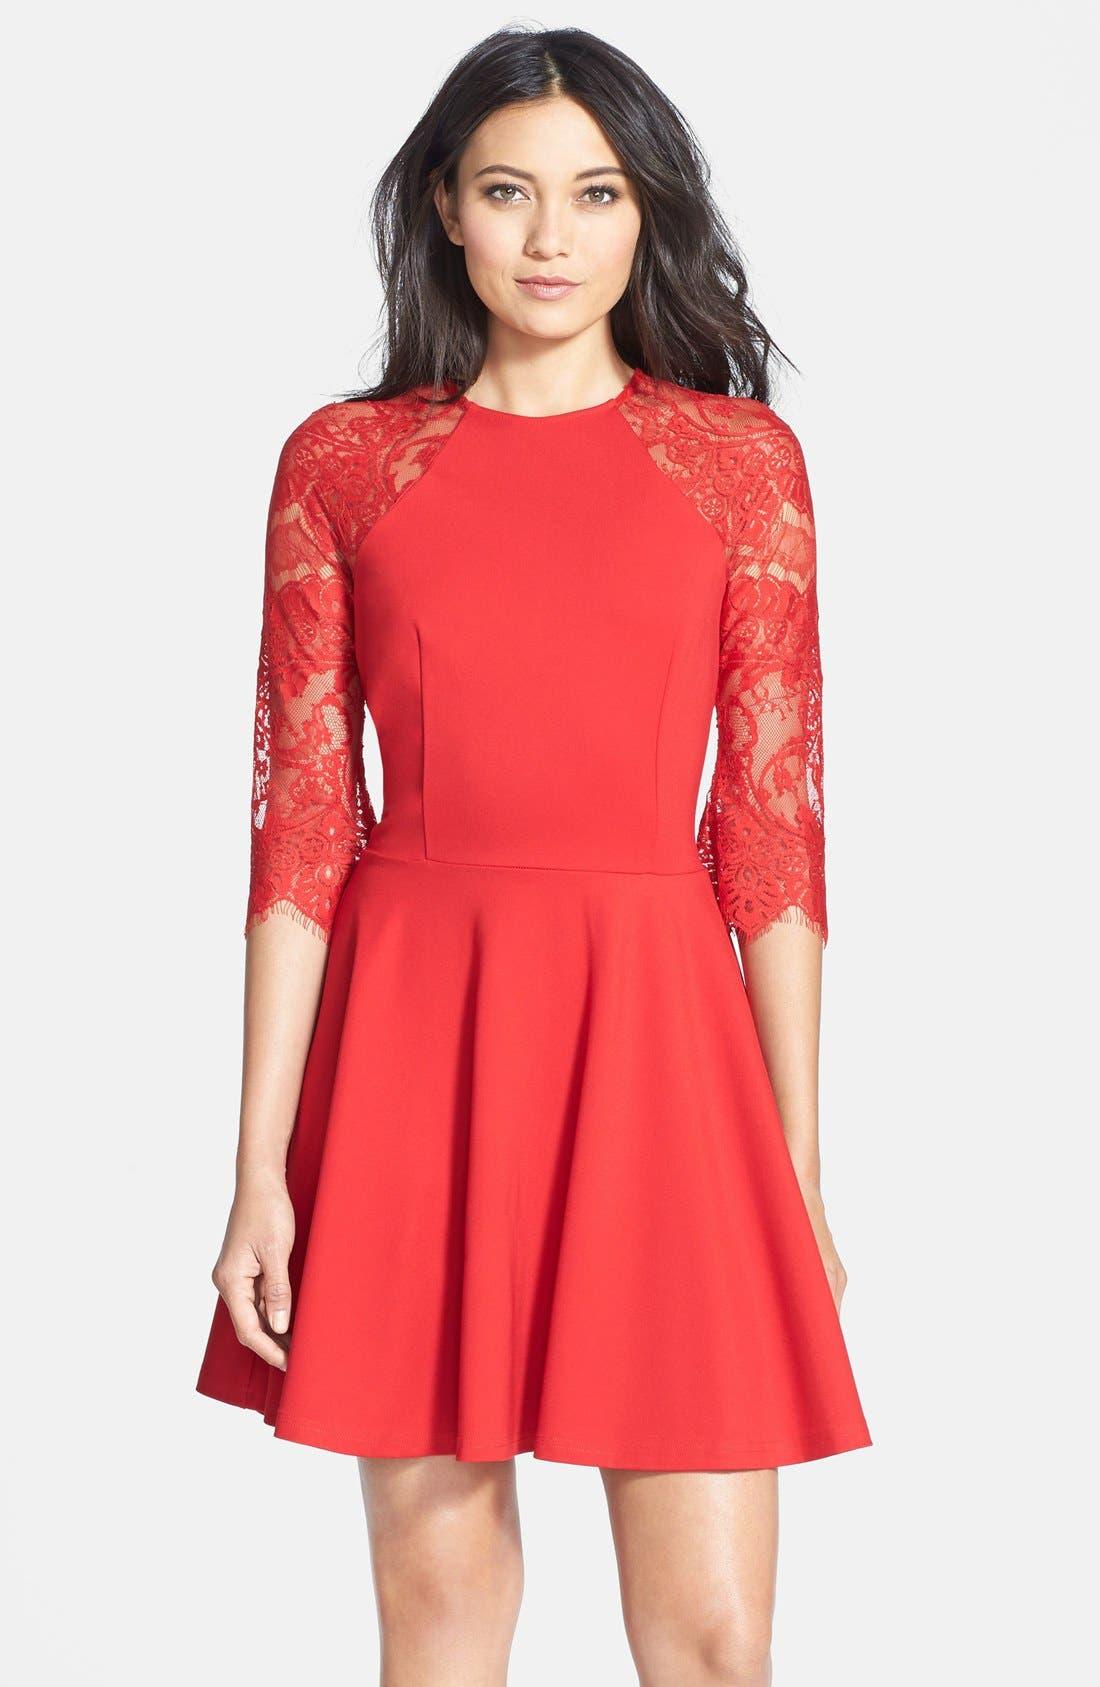 BB DAKOTA, 'Yale' Lace Panel Fit & Flare Dress, Main thumbnail 1, color, 600